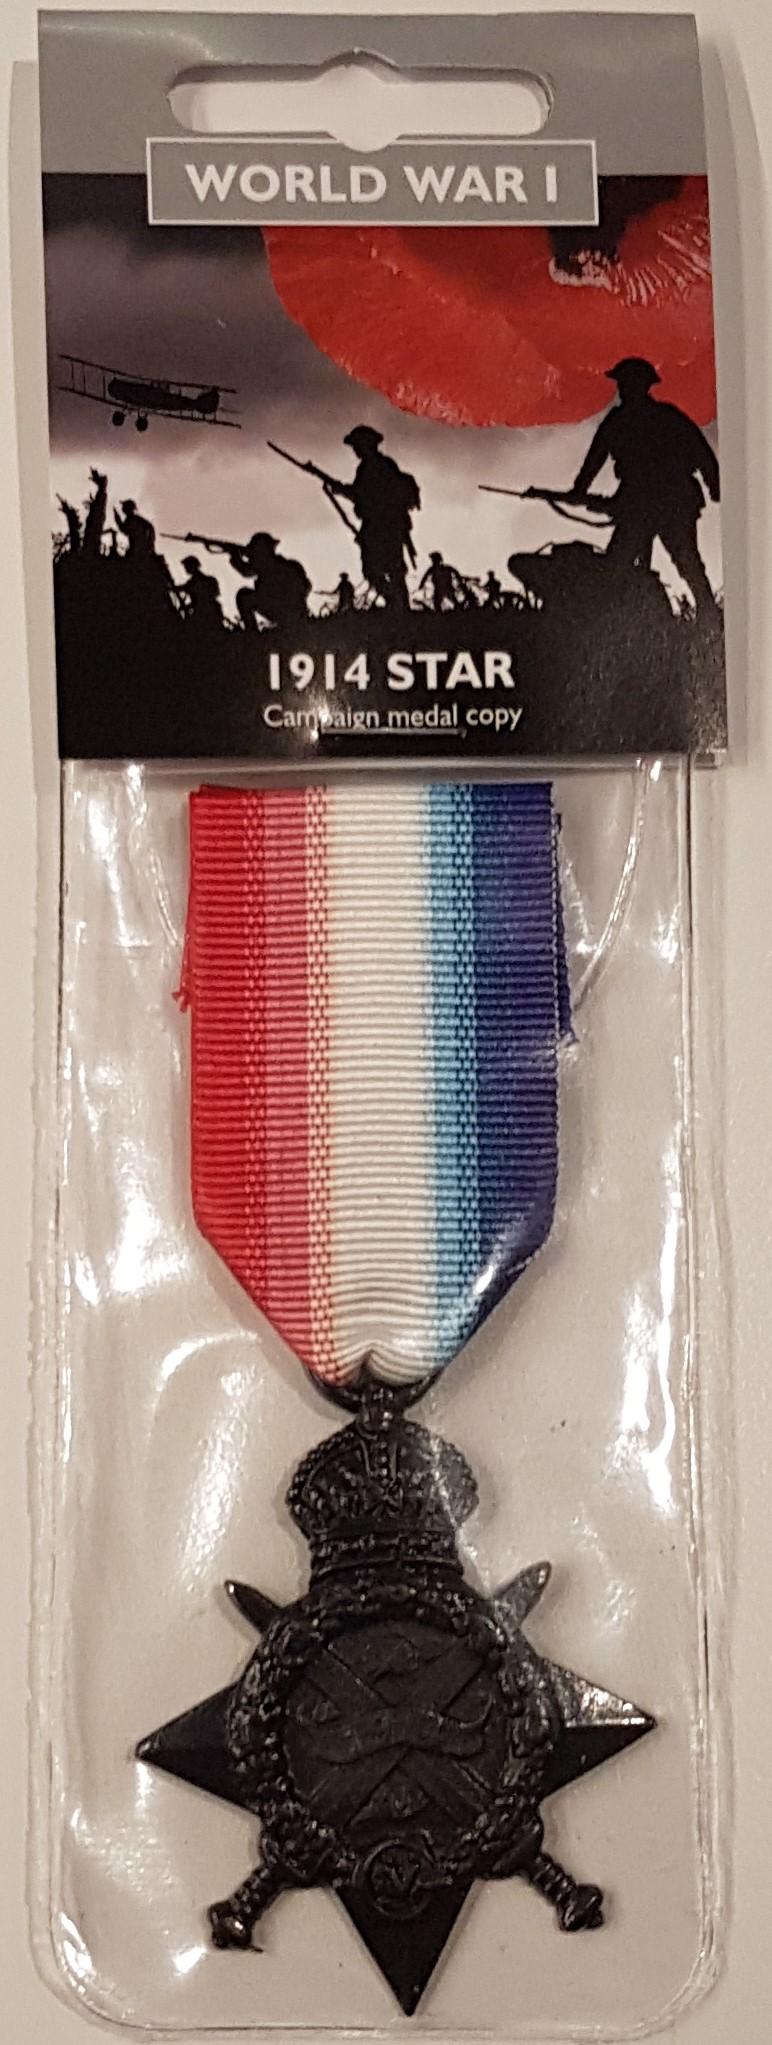 1914 Star - full size